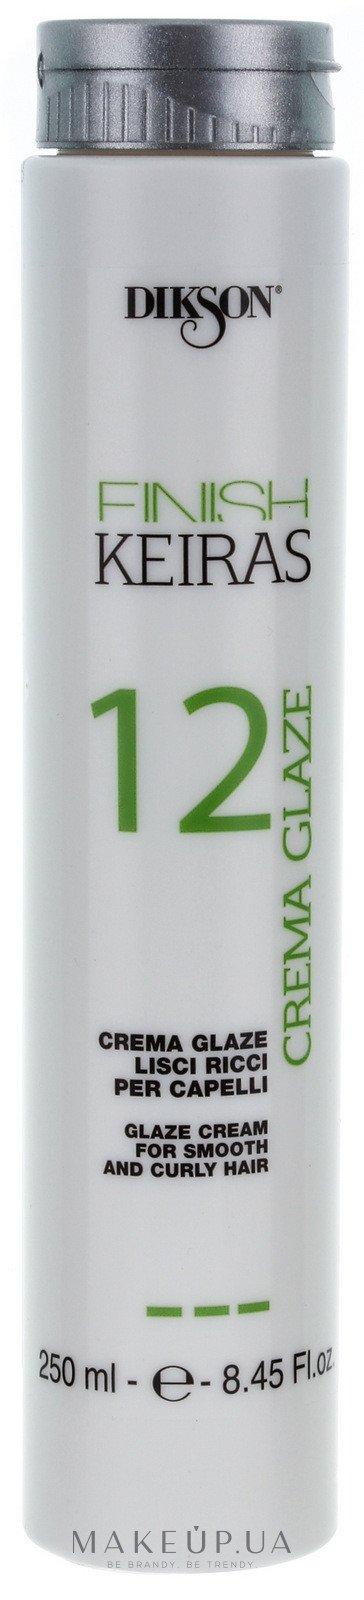 DIKSON Глазурь для гладких / кудрявых волос / FINISH CREMA GLAZE 12 250 мл